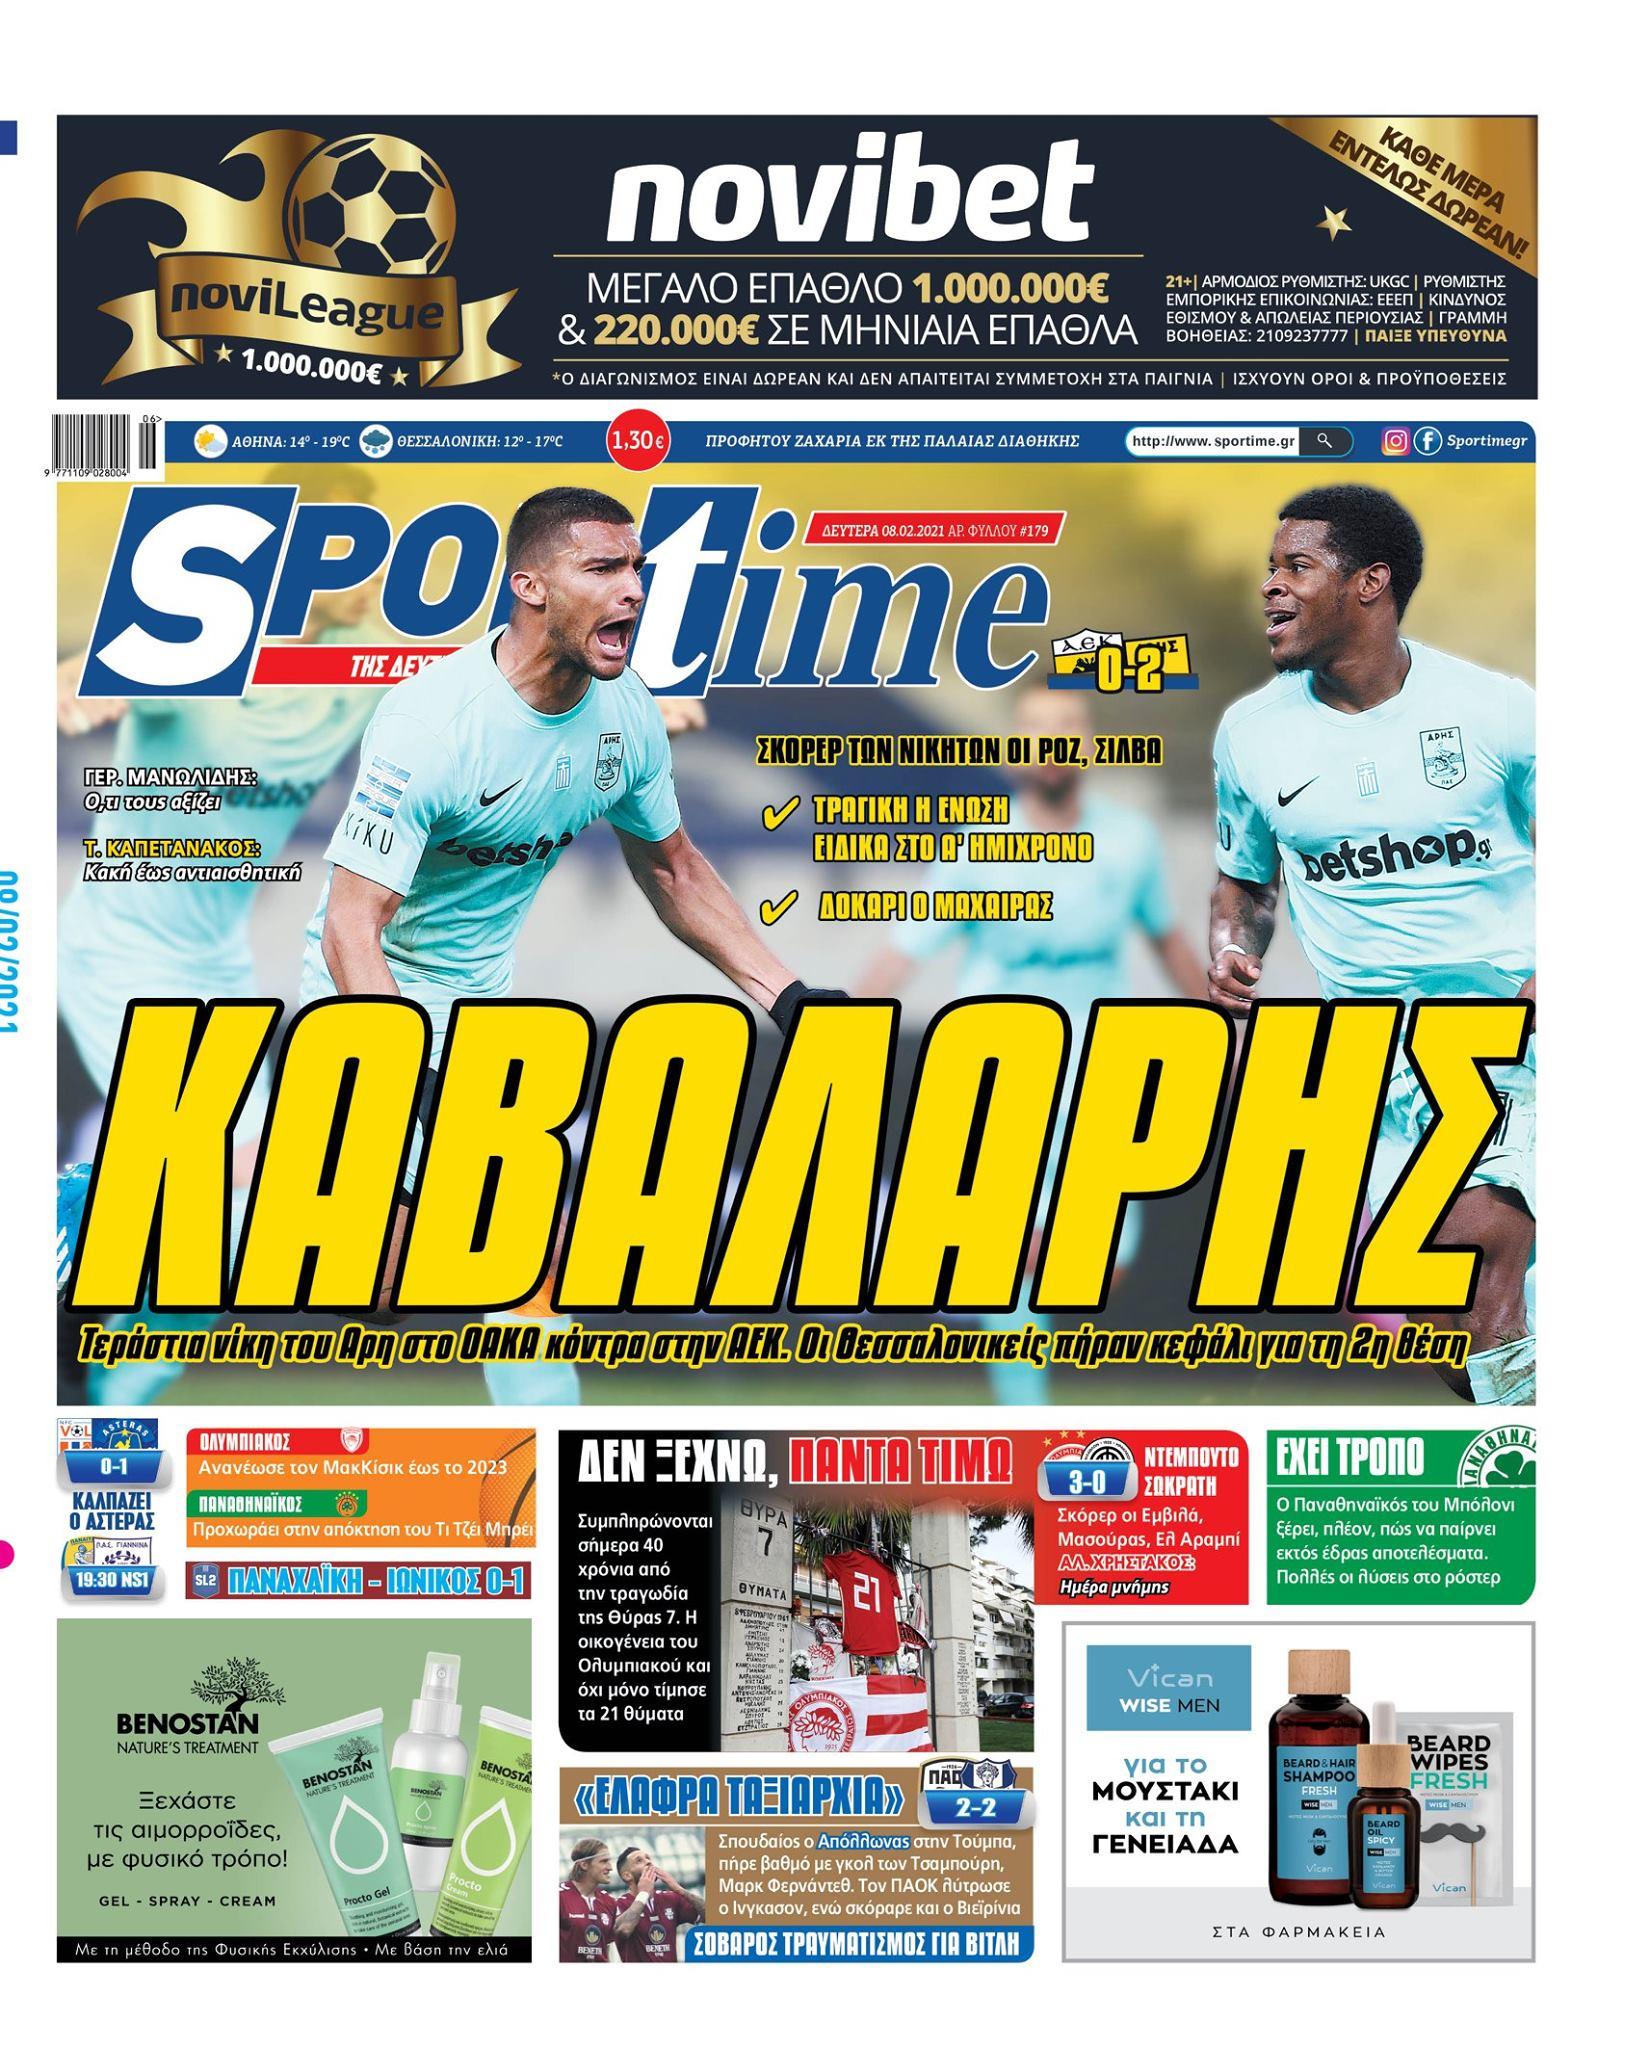 Εφημερίδα SPORTIME - Εξώφυλλο φύλλου 8/2/2021